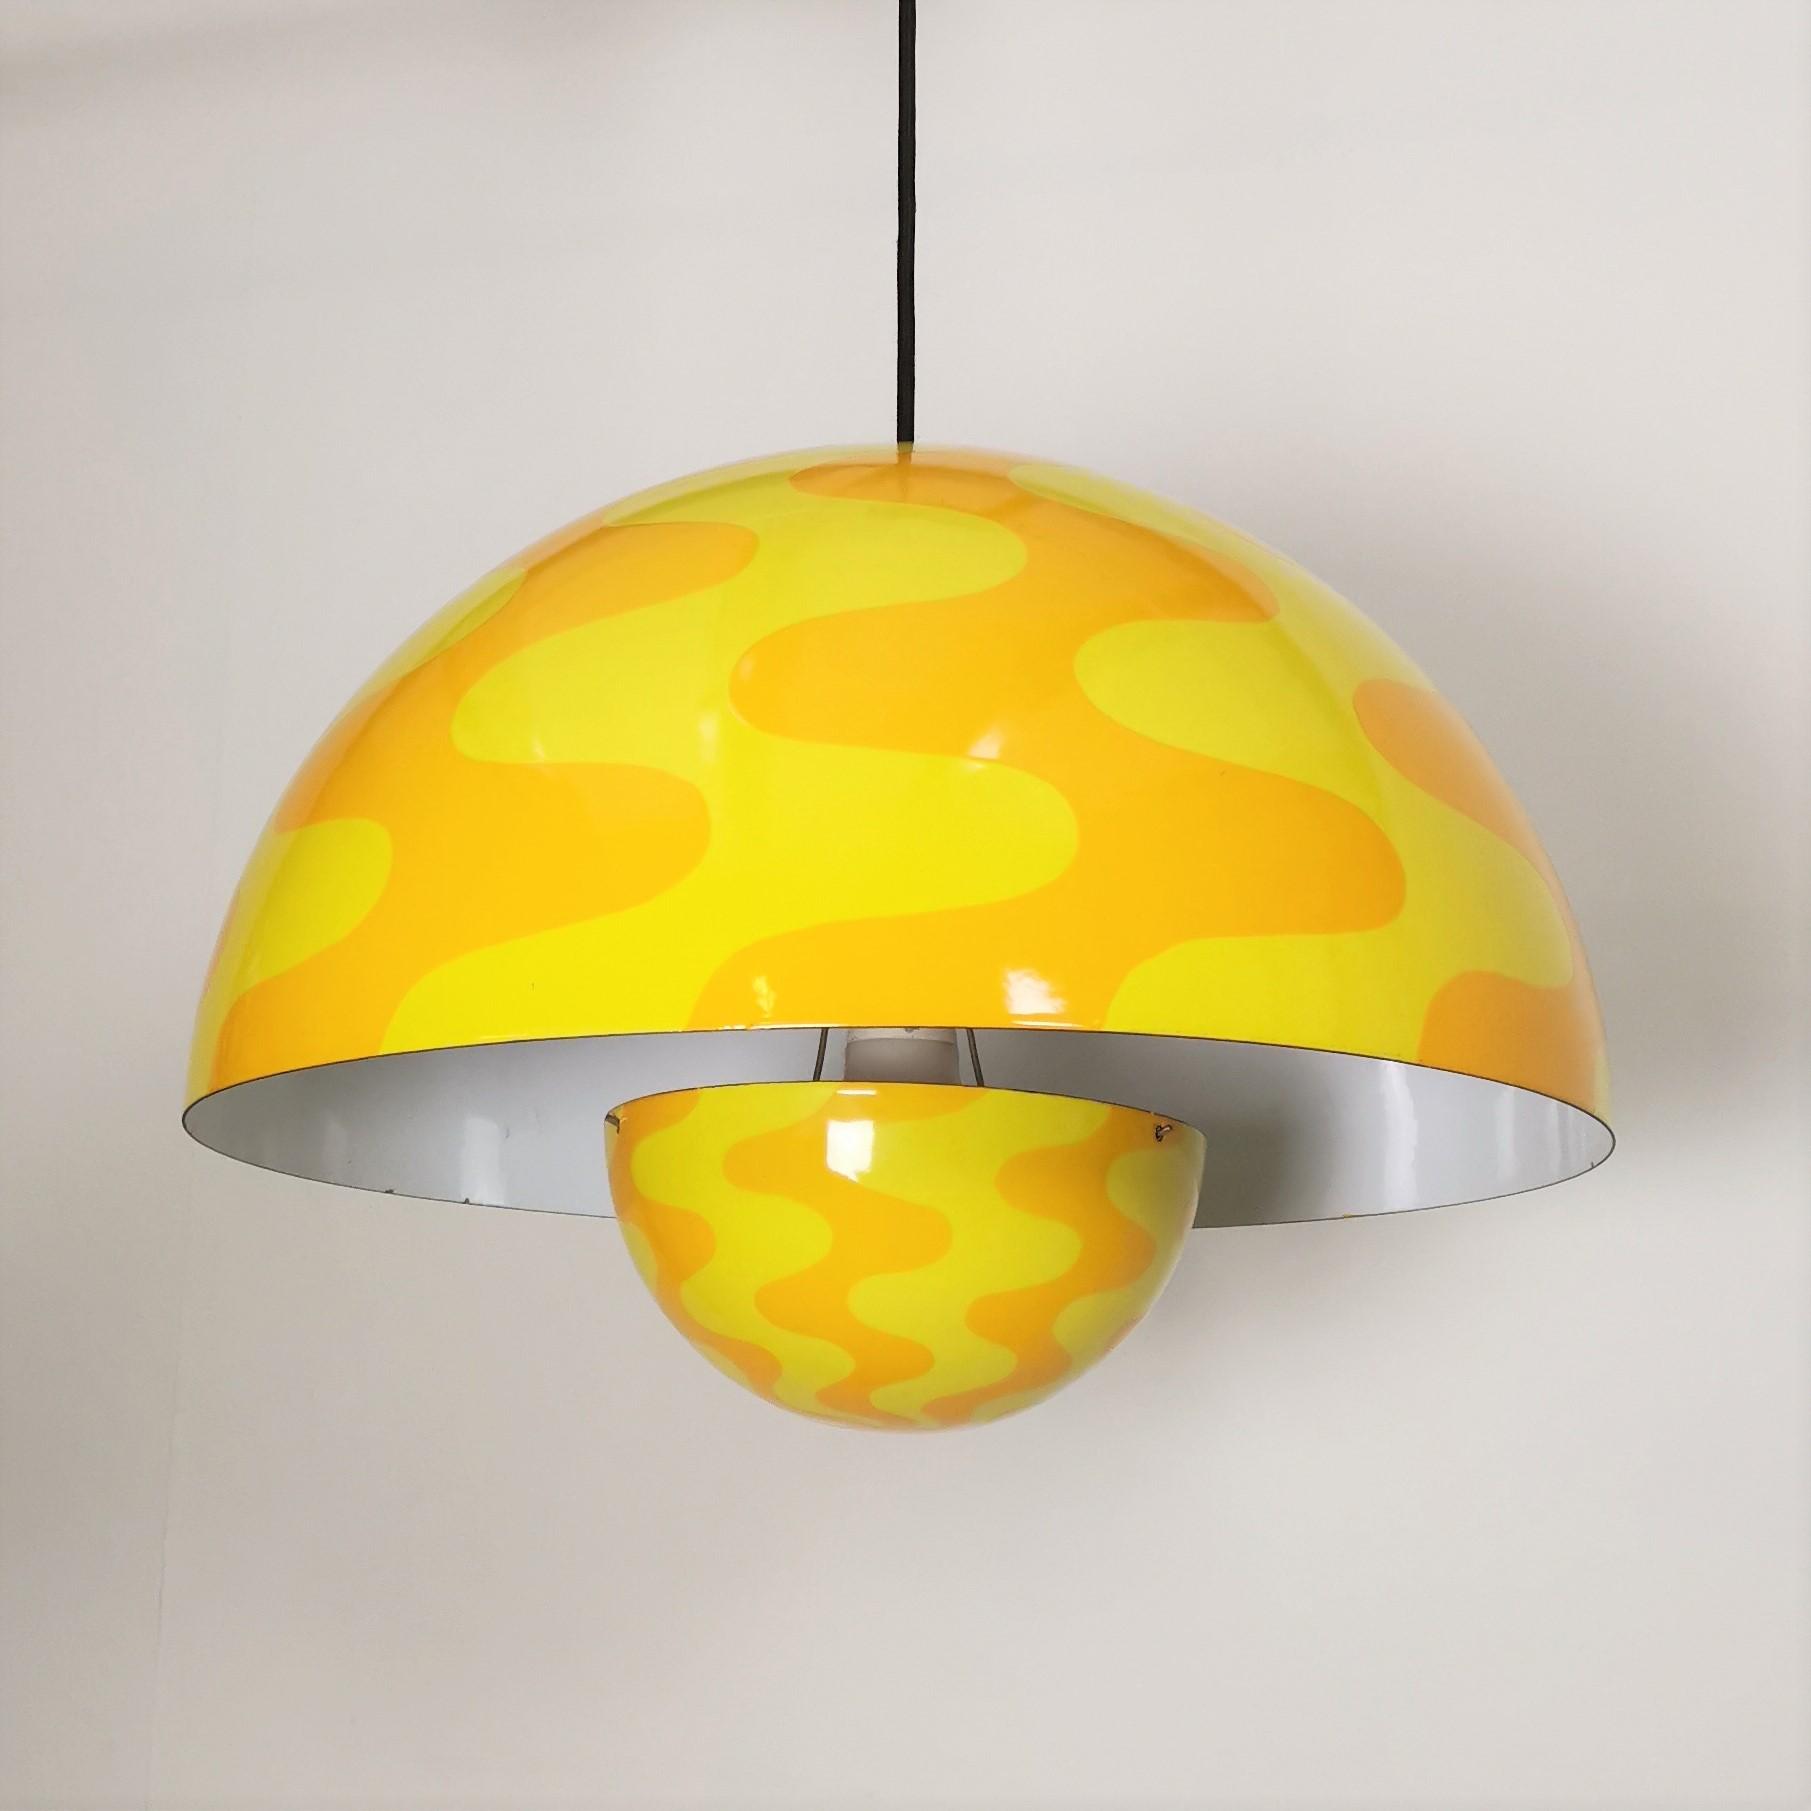 flowerpot lampe verner panton retrofabrikken. Black Bedroom Furniture Sets. Home Design Ideas